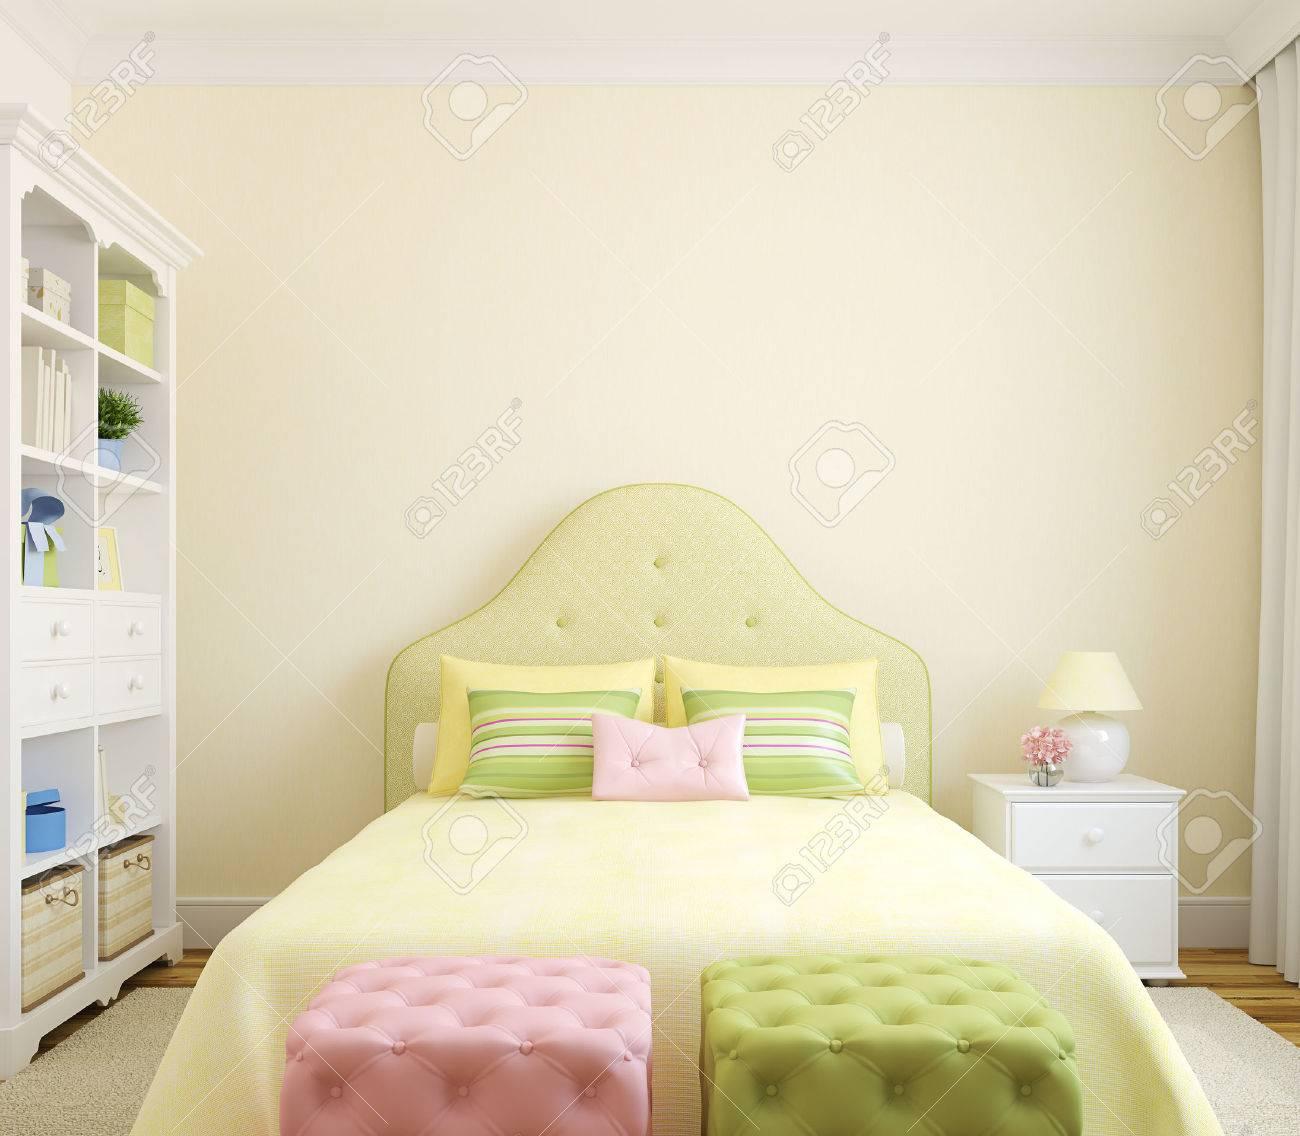 camera da letto rosa foto royalty free, immagini, immagini e ... - Interni Ragazze Camera Design